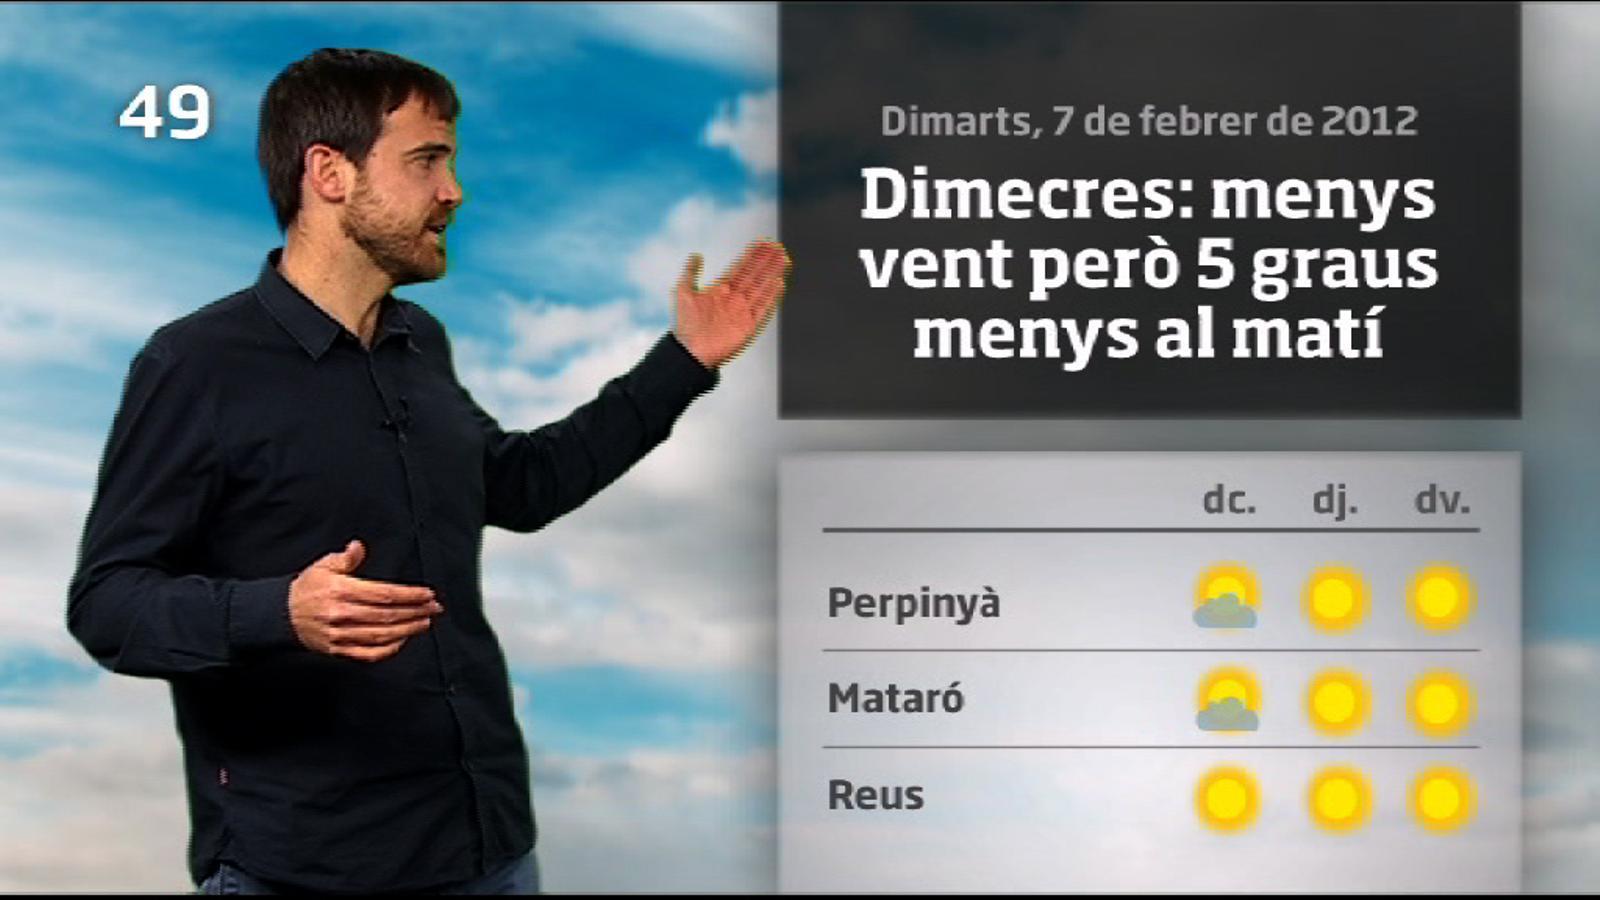 La méteo en 1 minut: menys vent però més fred (08/02/2012)